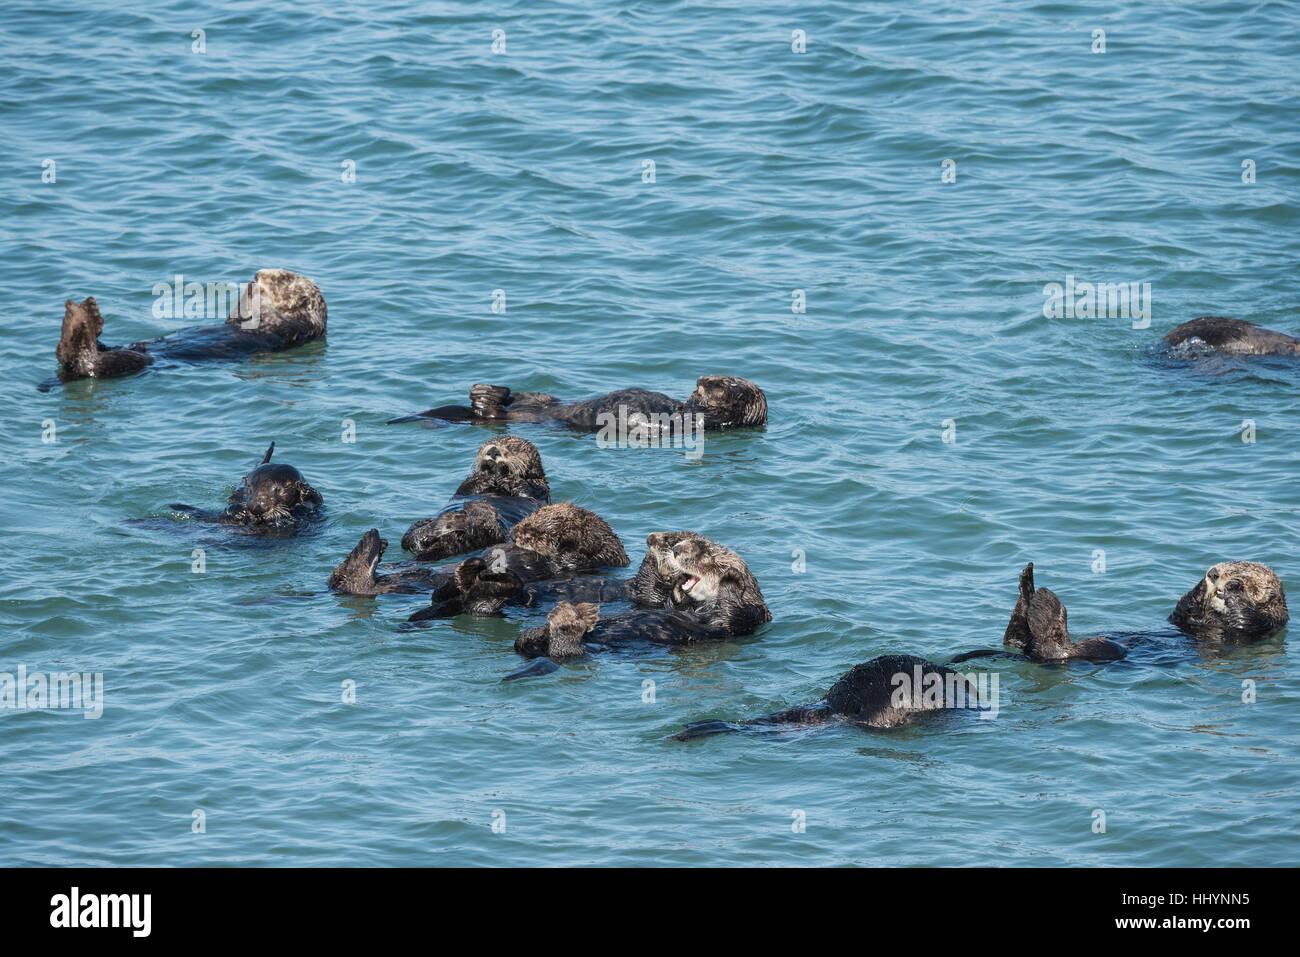 Les loutres de mer de Californie du sud ou des loutres de mer, Enhydra lutris nereis ( menacé ), se reposant dans un radeau, Elkhorn Slough, Moss Landing, California, USA Banque D'Images